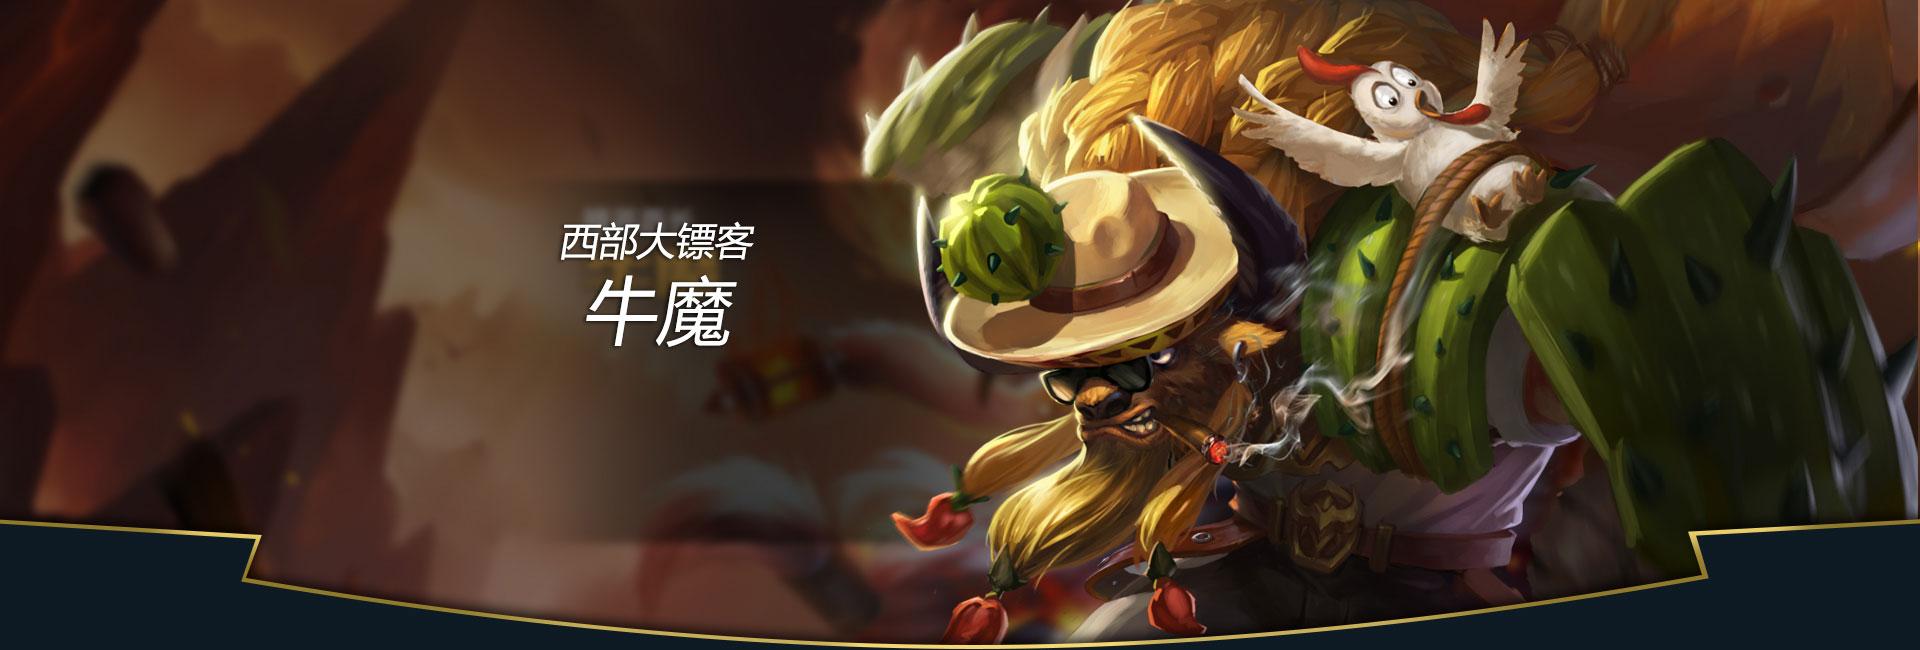 第2弹《王者荣耀英雄皮肤CG》竞技游戏125